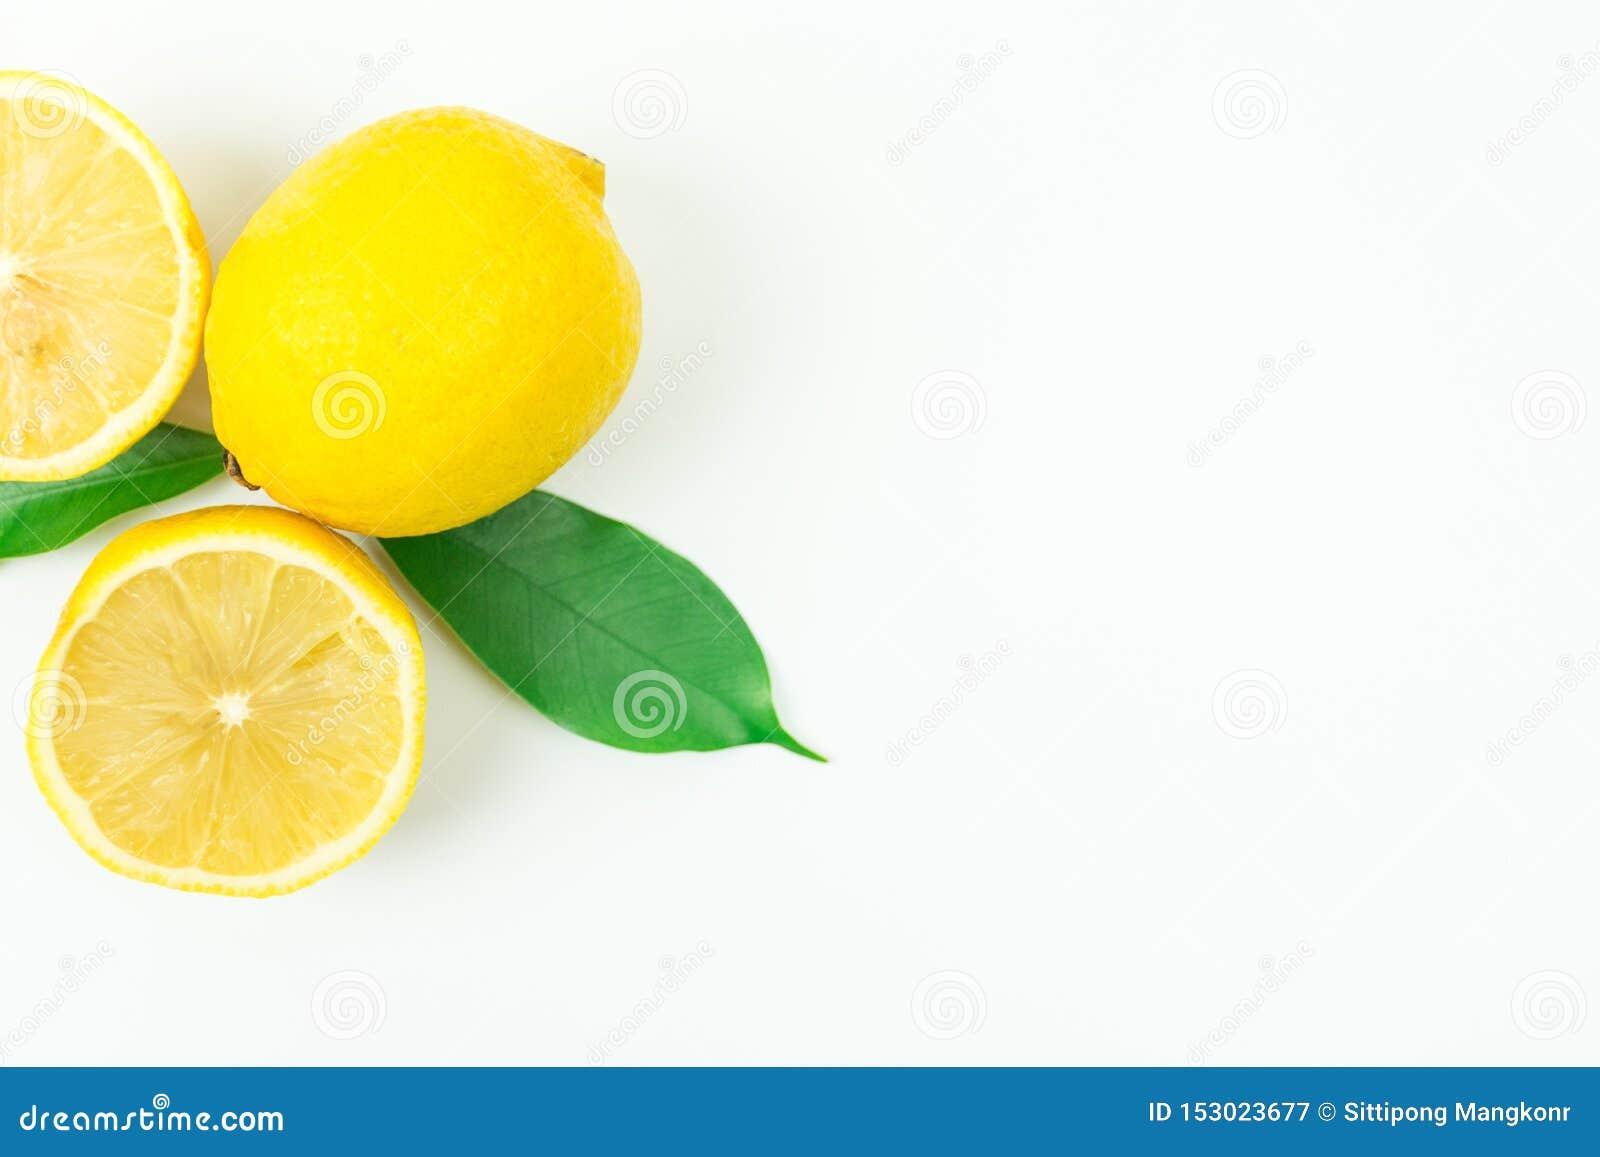 Lanzamientos Limón-frescos en el estudio